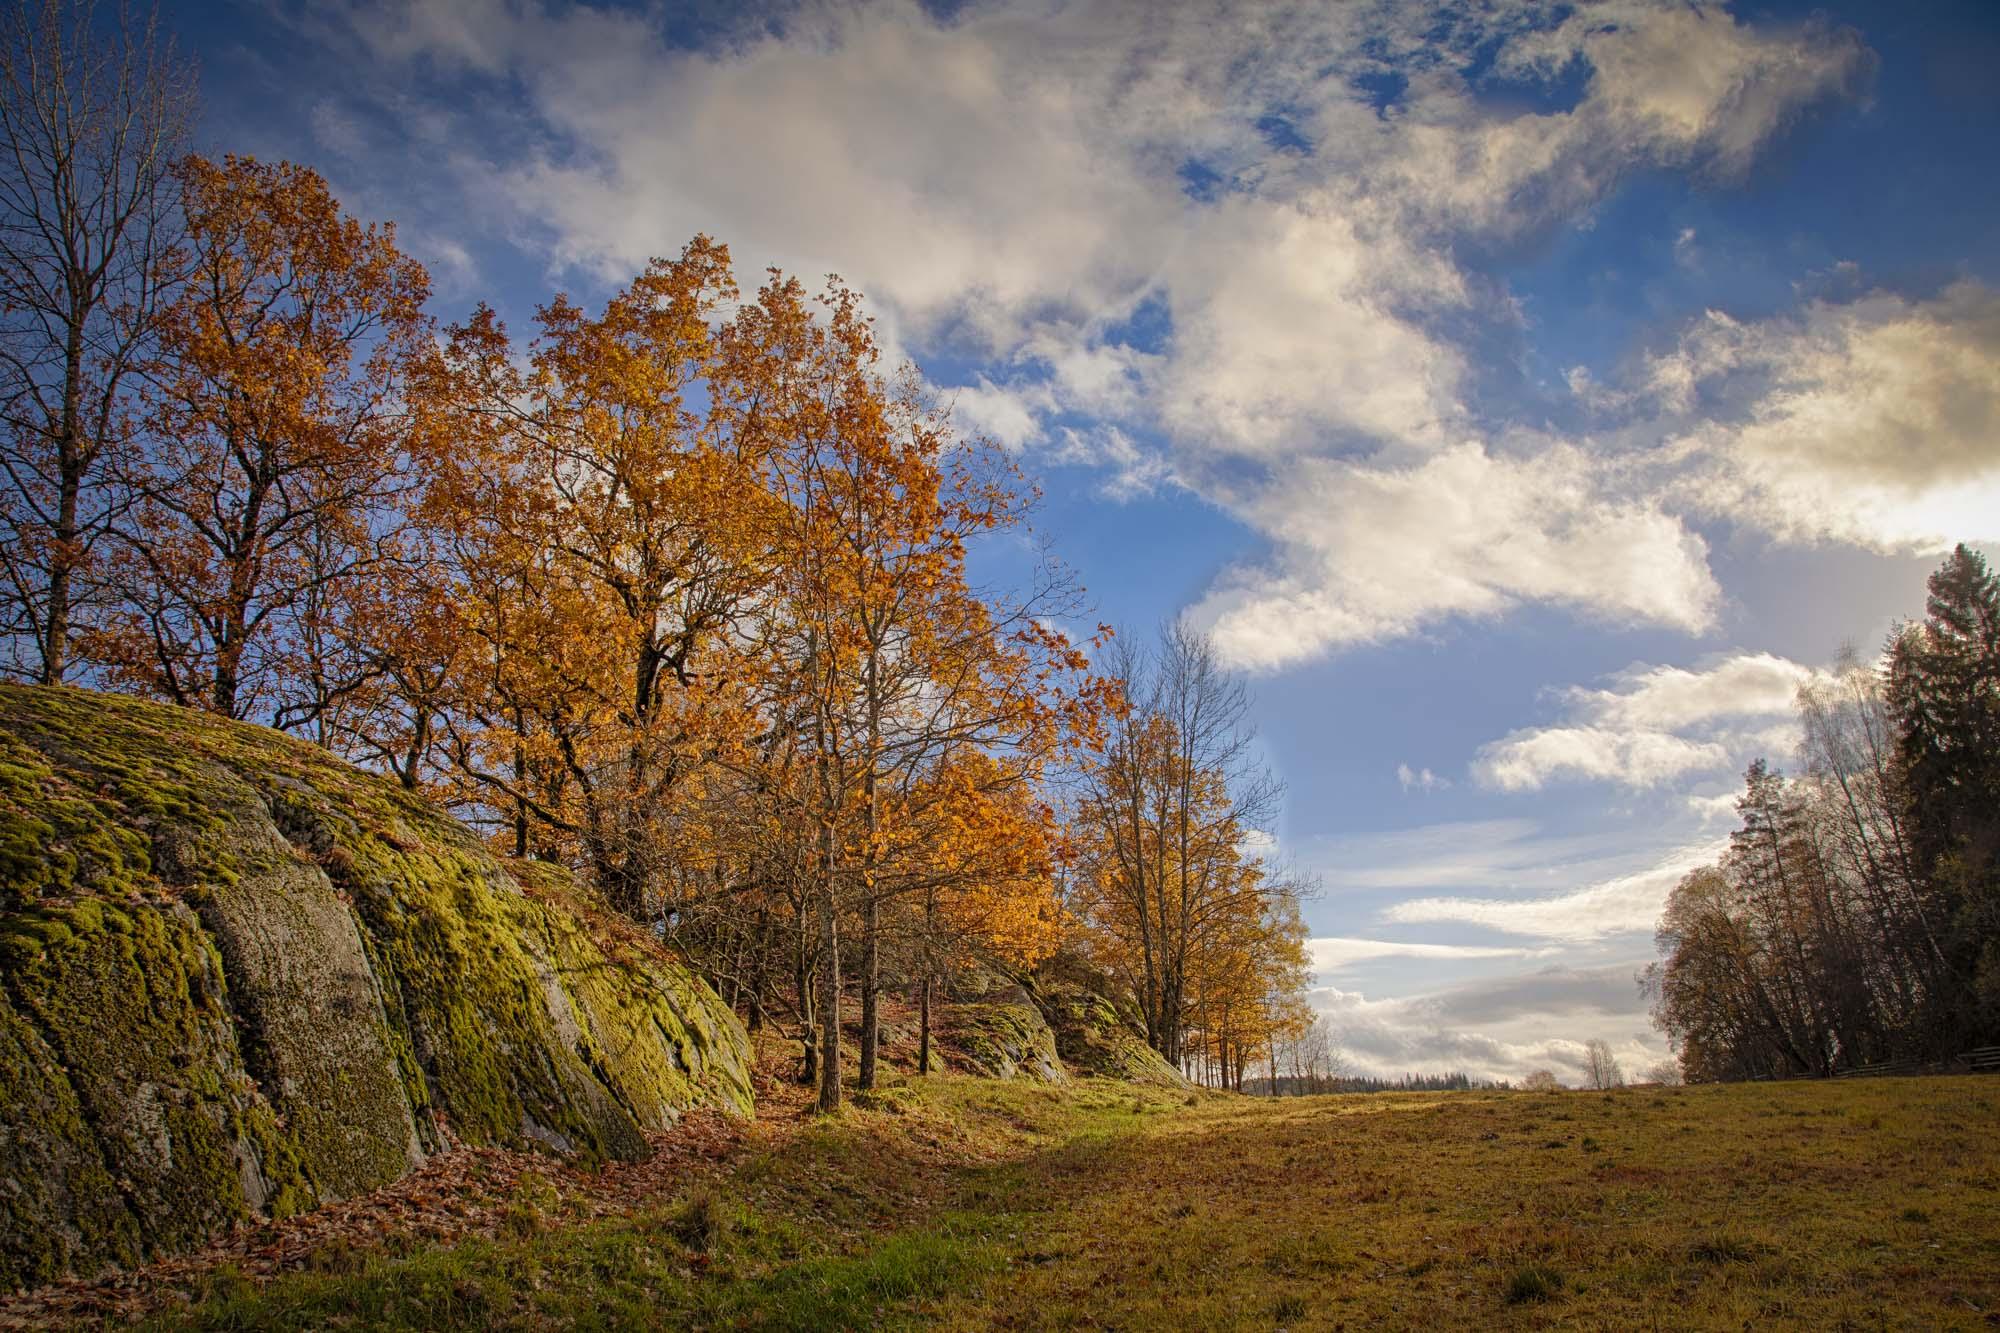 042 - Høsttrær